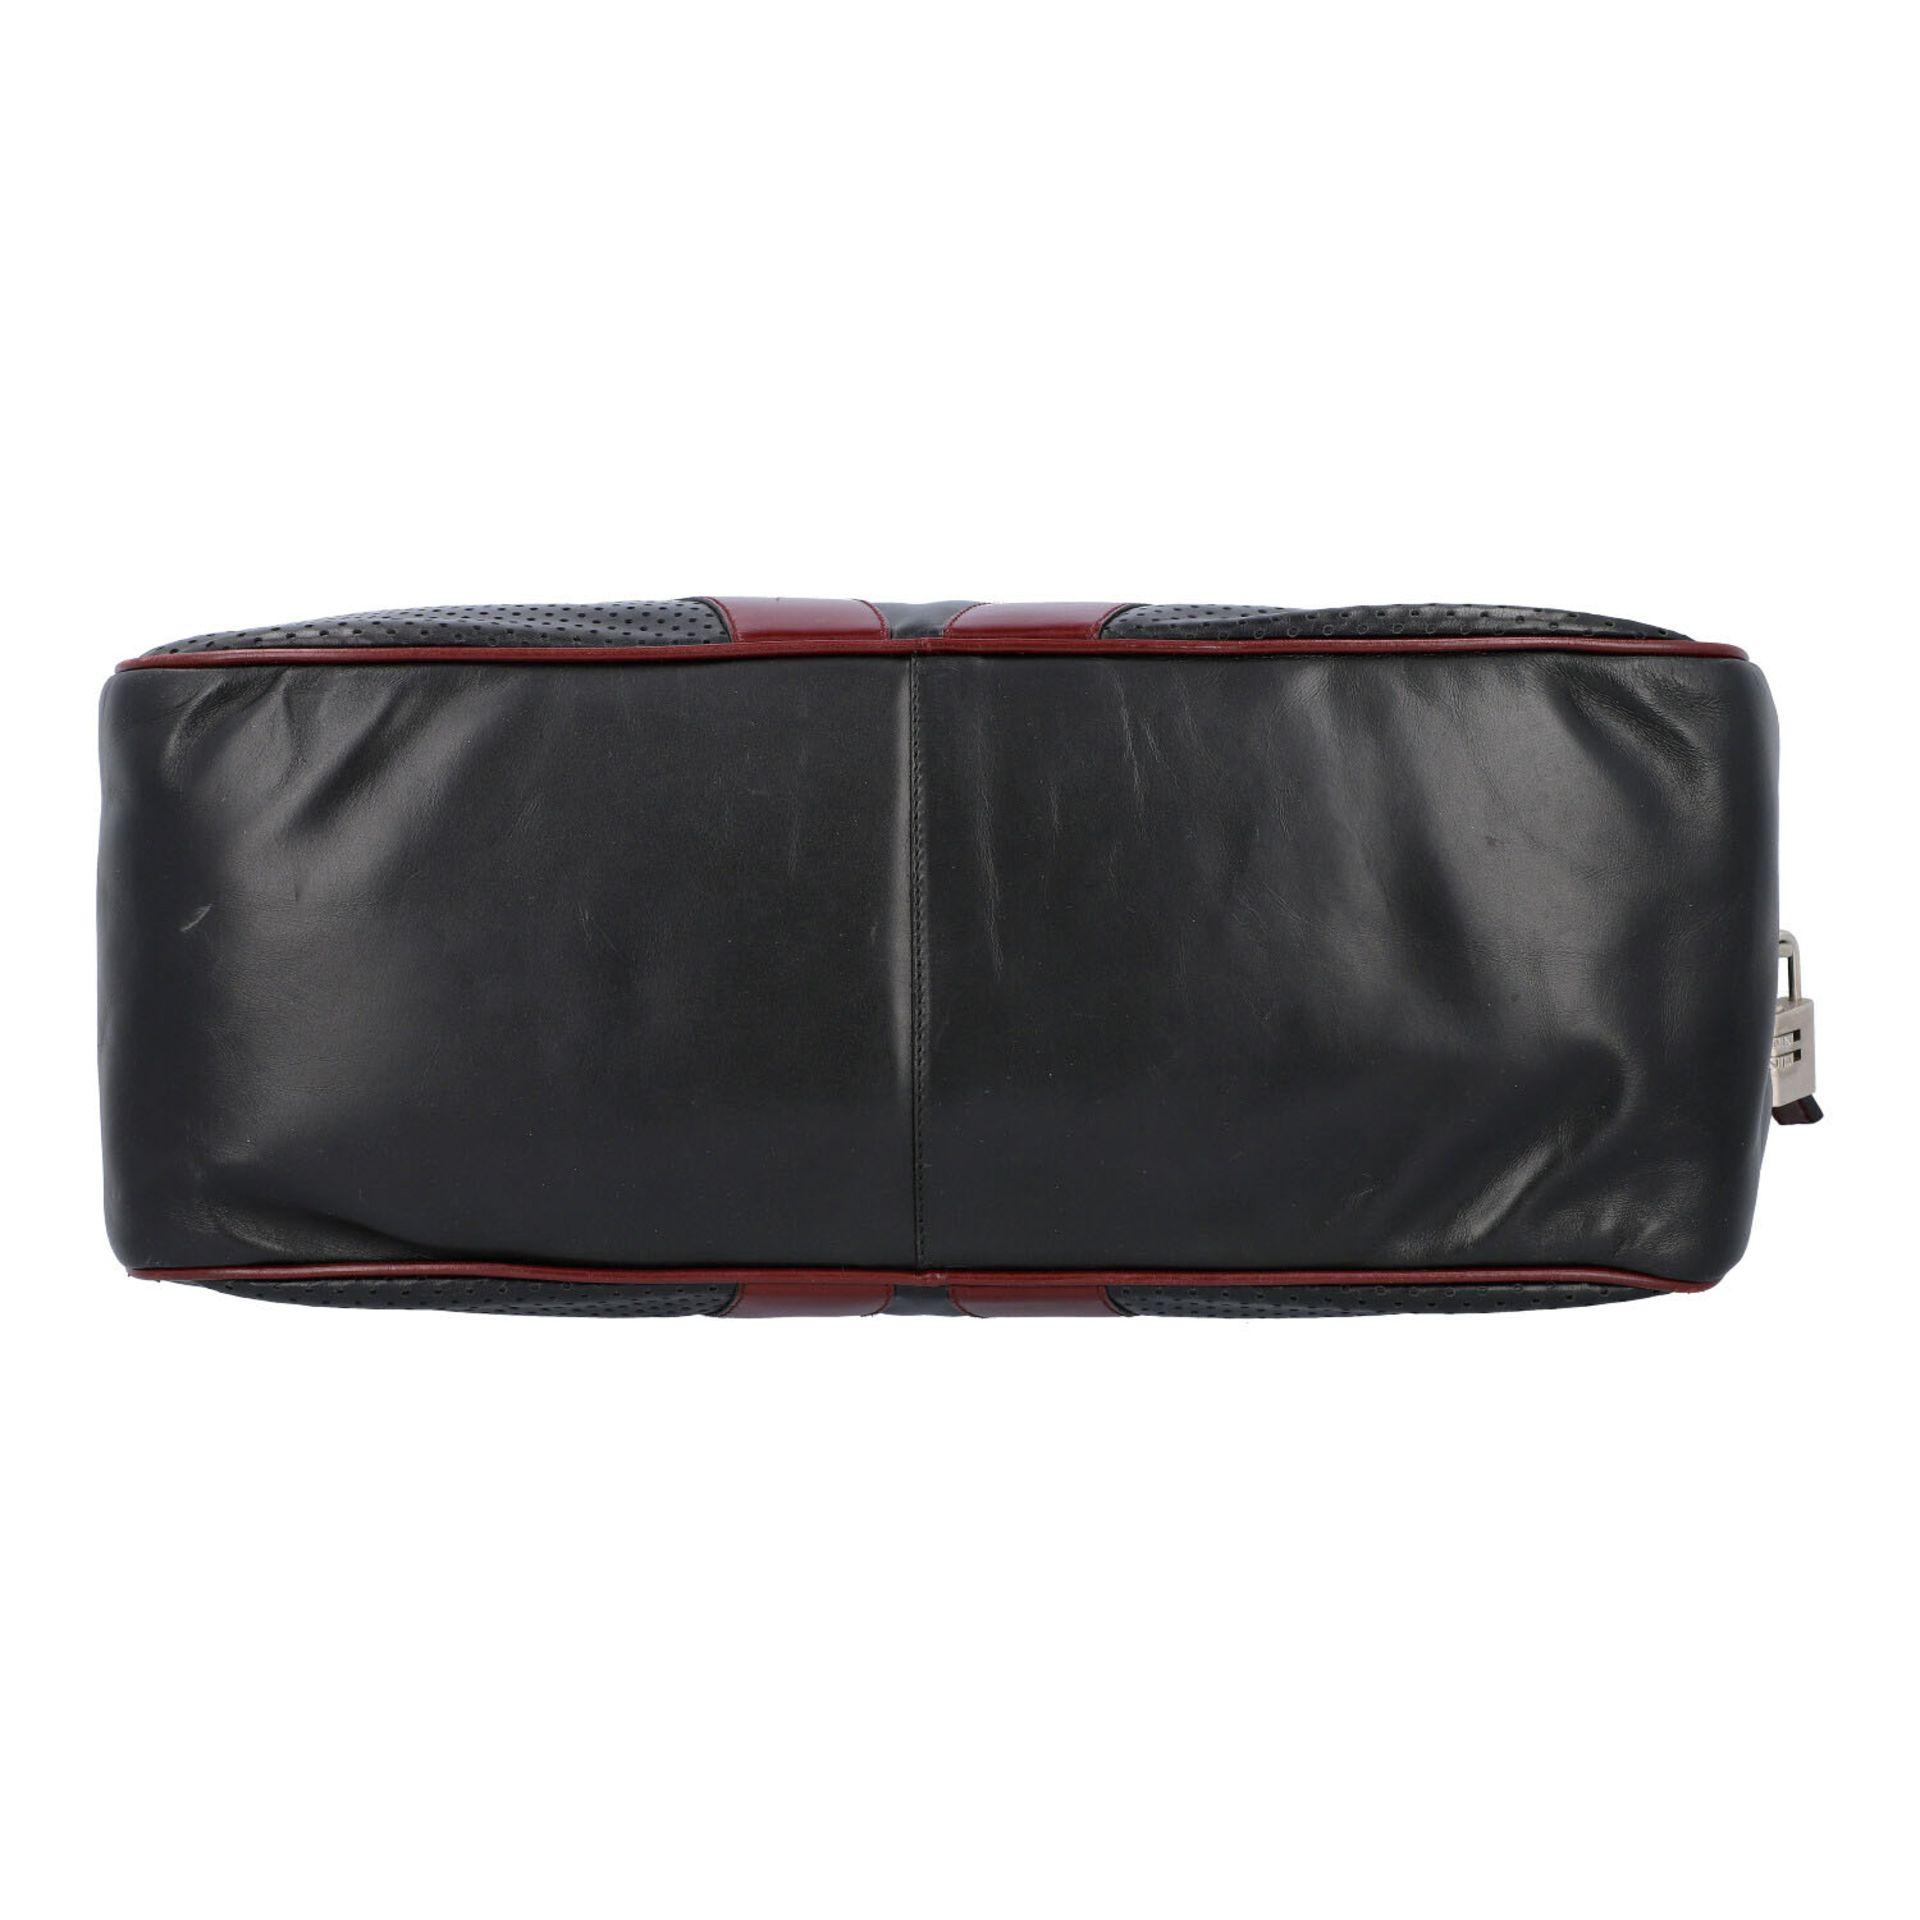 PRADA Handtasche. Glattleder in Schwarz und Bordeaux mit silberfarbener Hardware, umla - Image 5 of 8